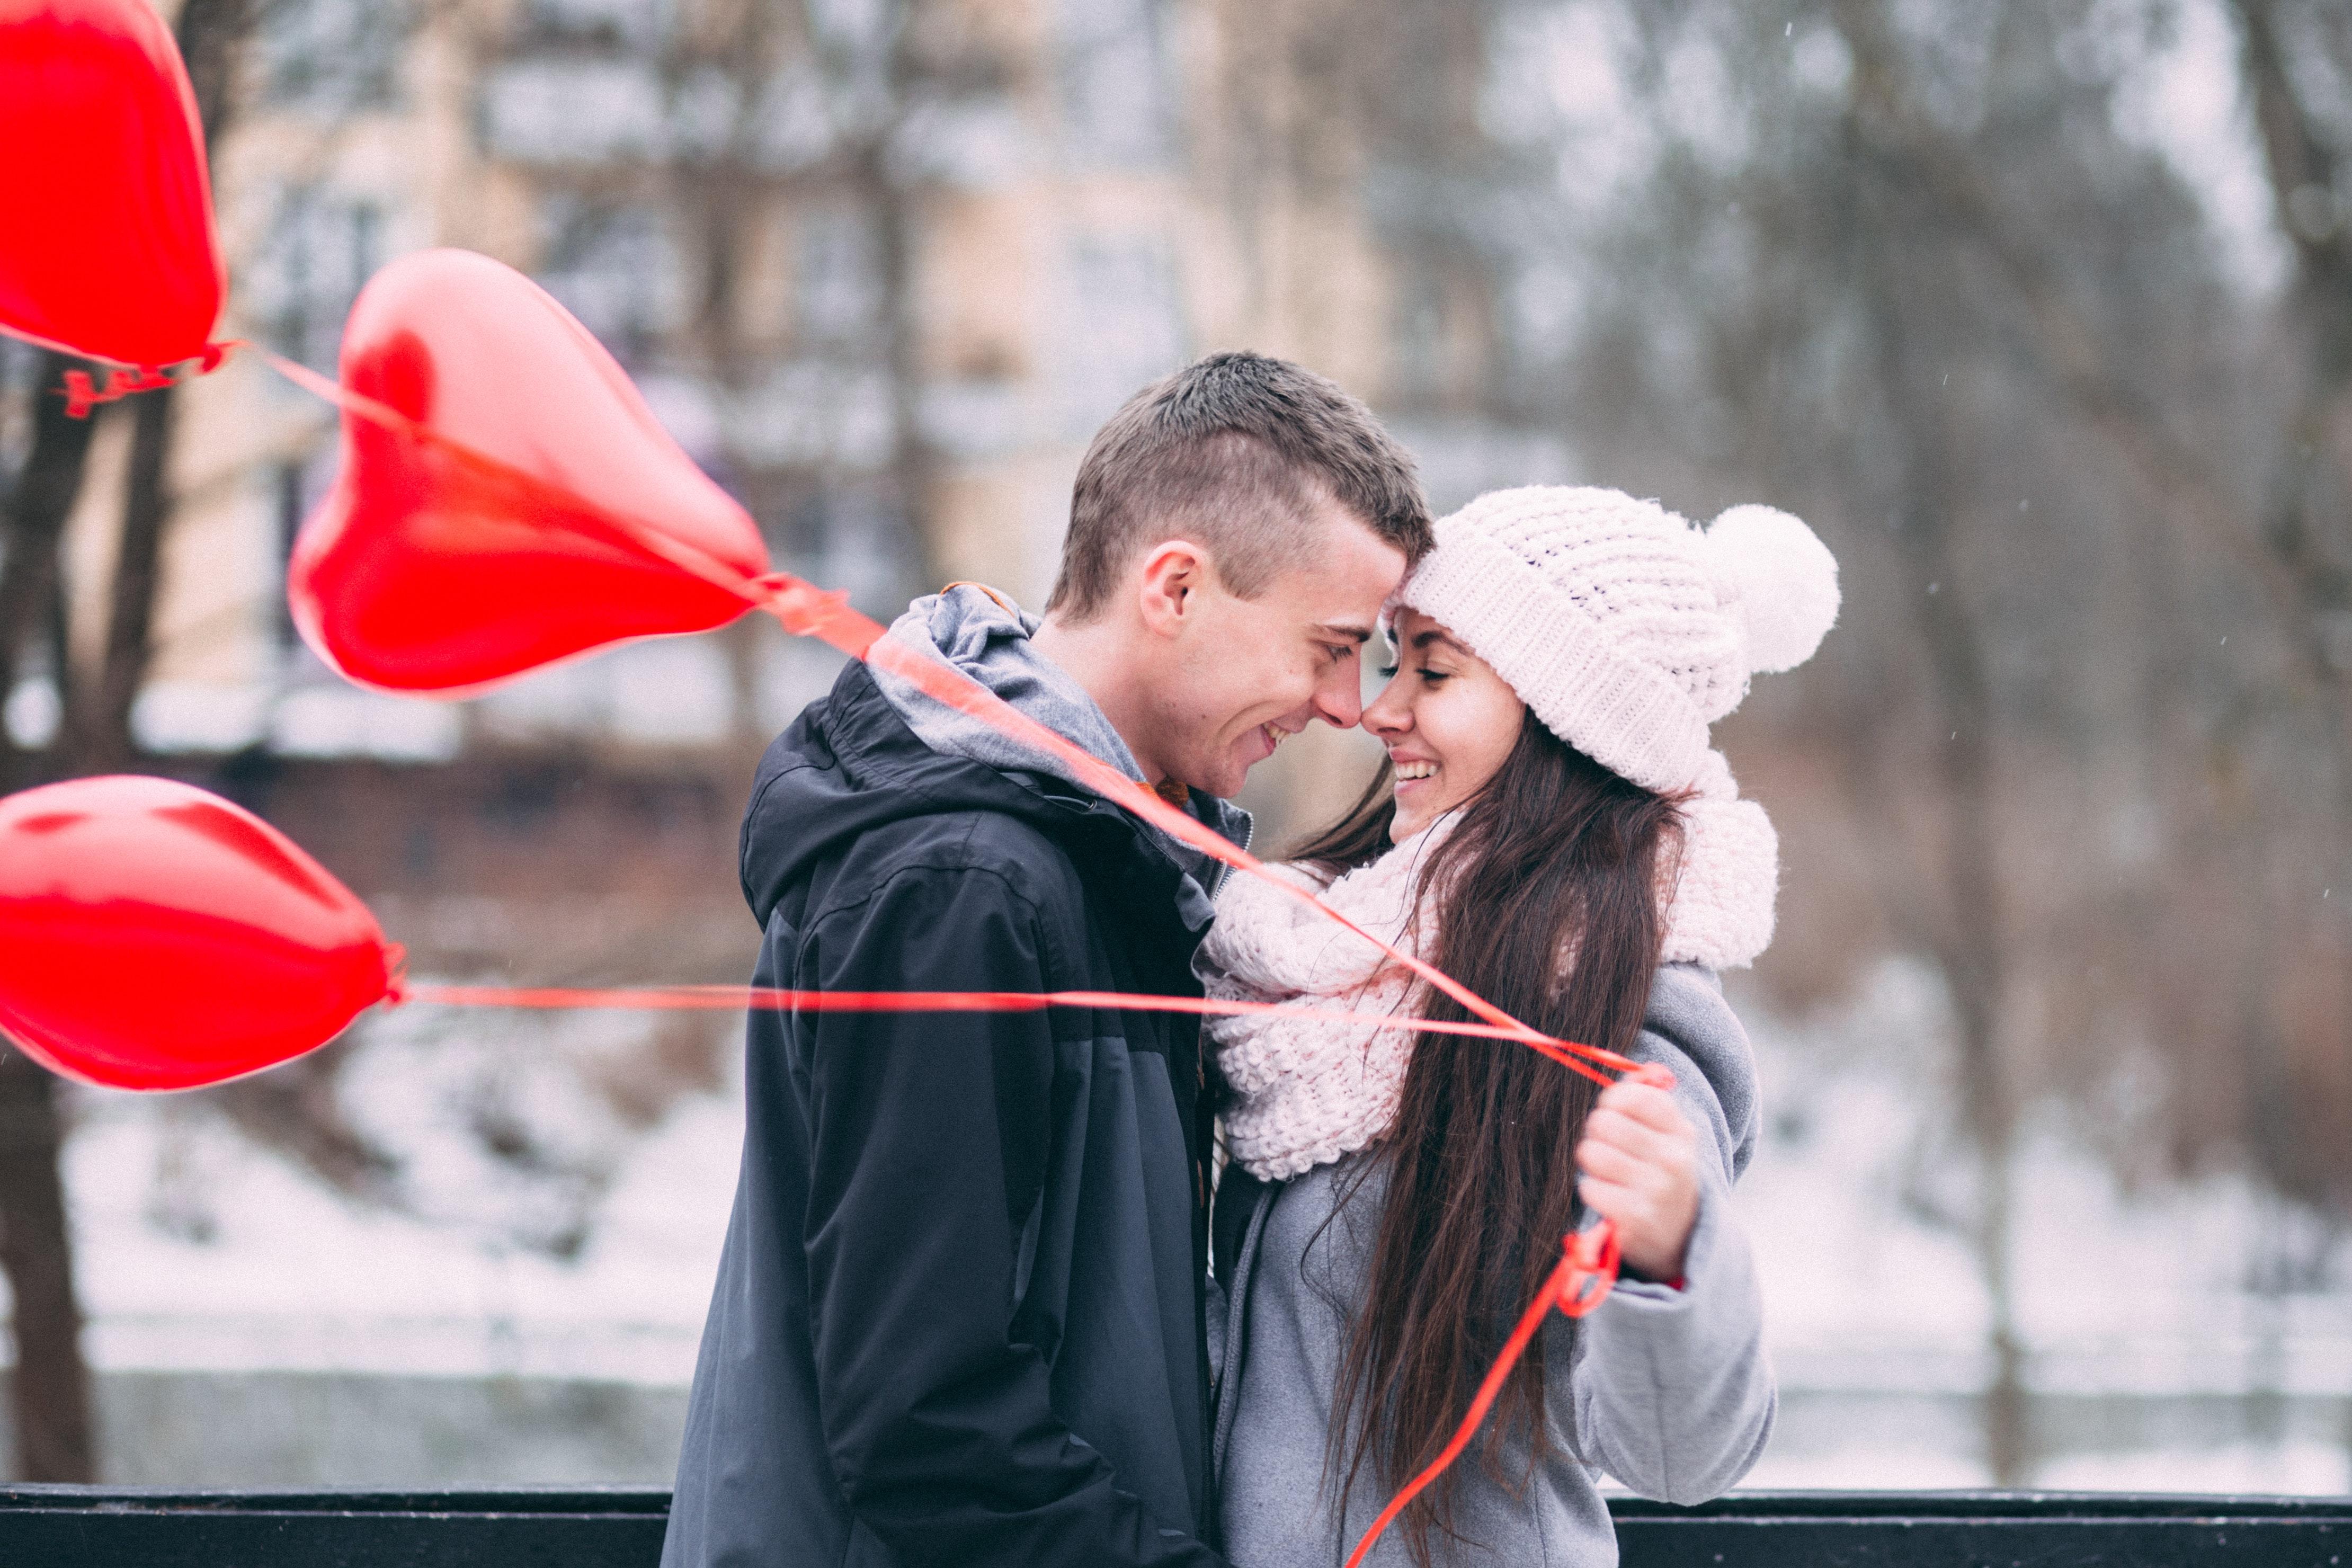 Paarfotografie/Pärchen Bilder Idee zum Valentinstag: Paar mit roten Herz-Luftballons im Winter